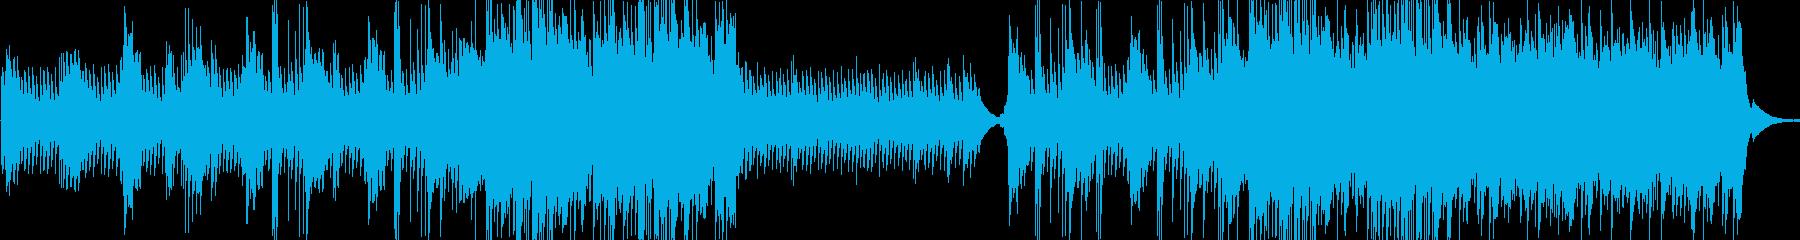 和風 生演奏三味線 静かで壮大なバラードの再生済みの波形